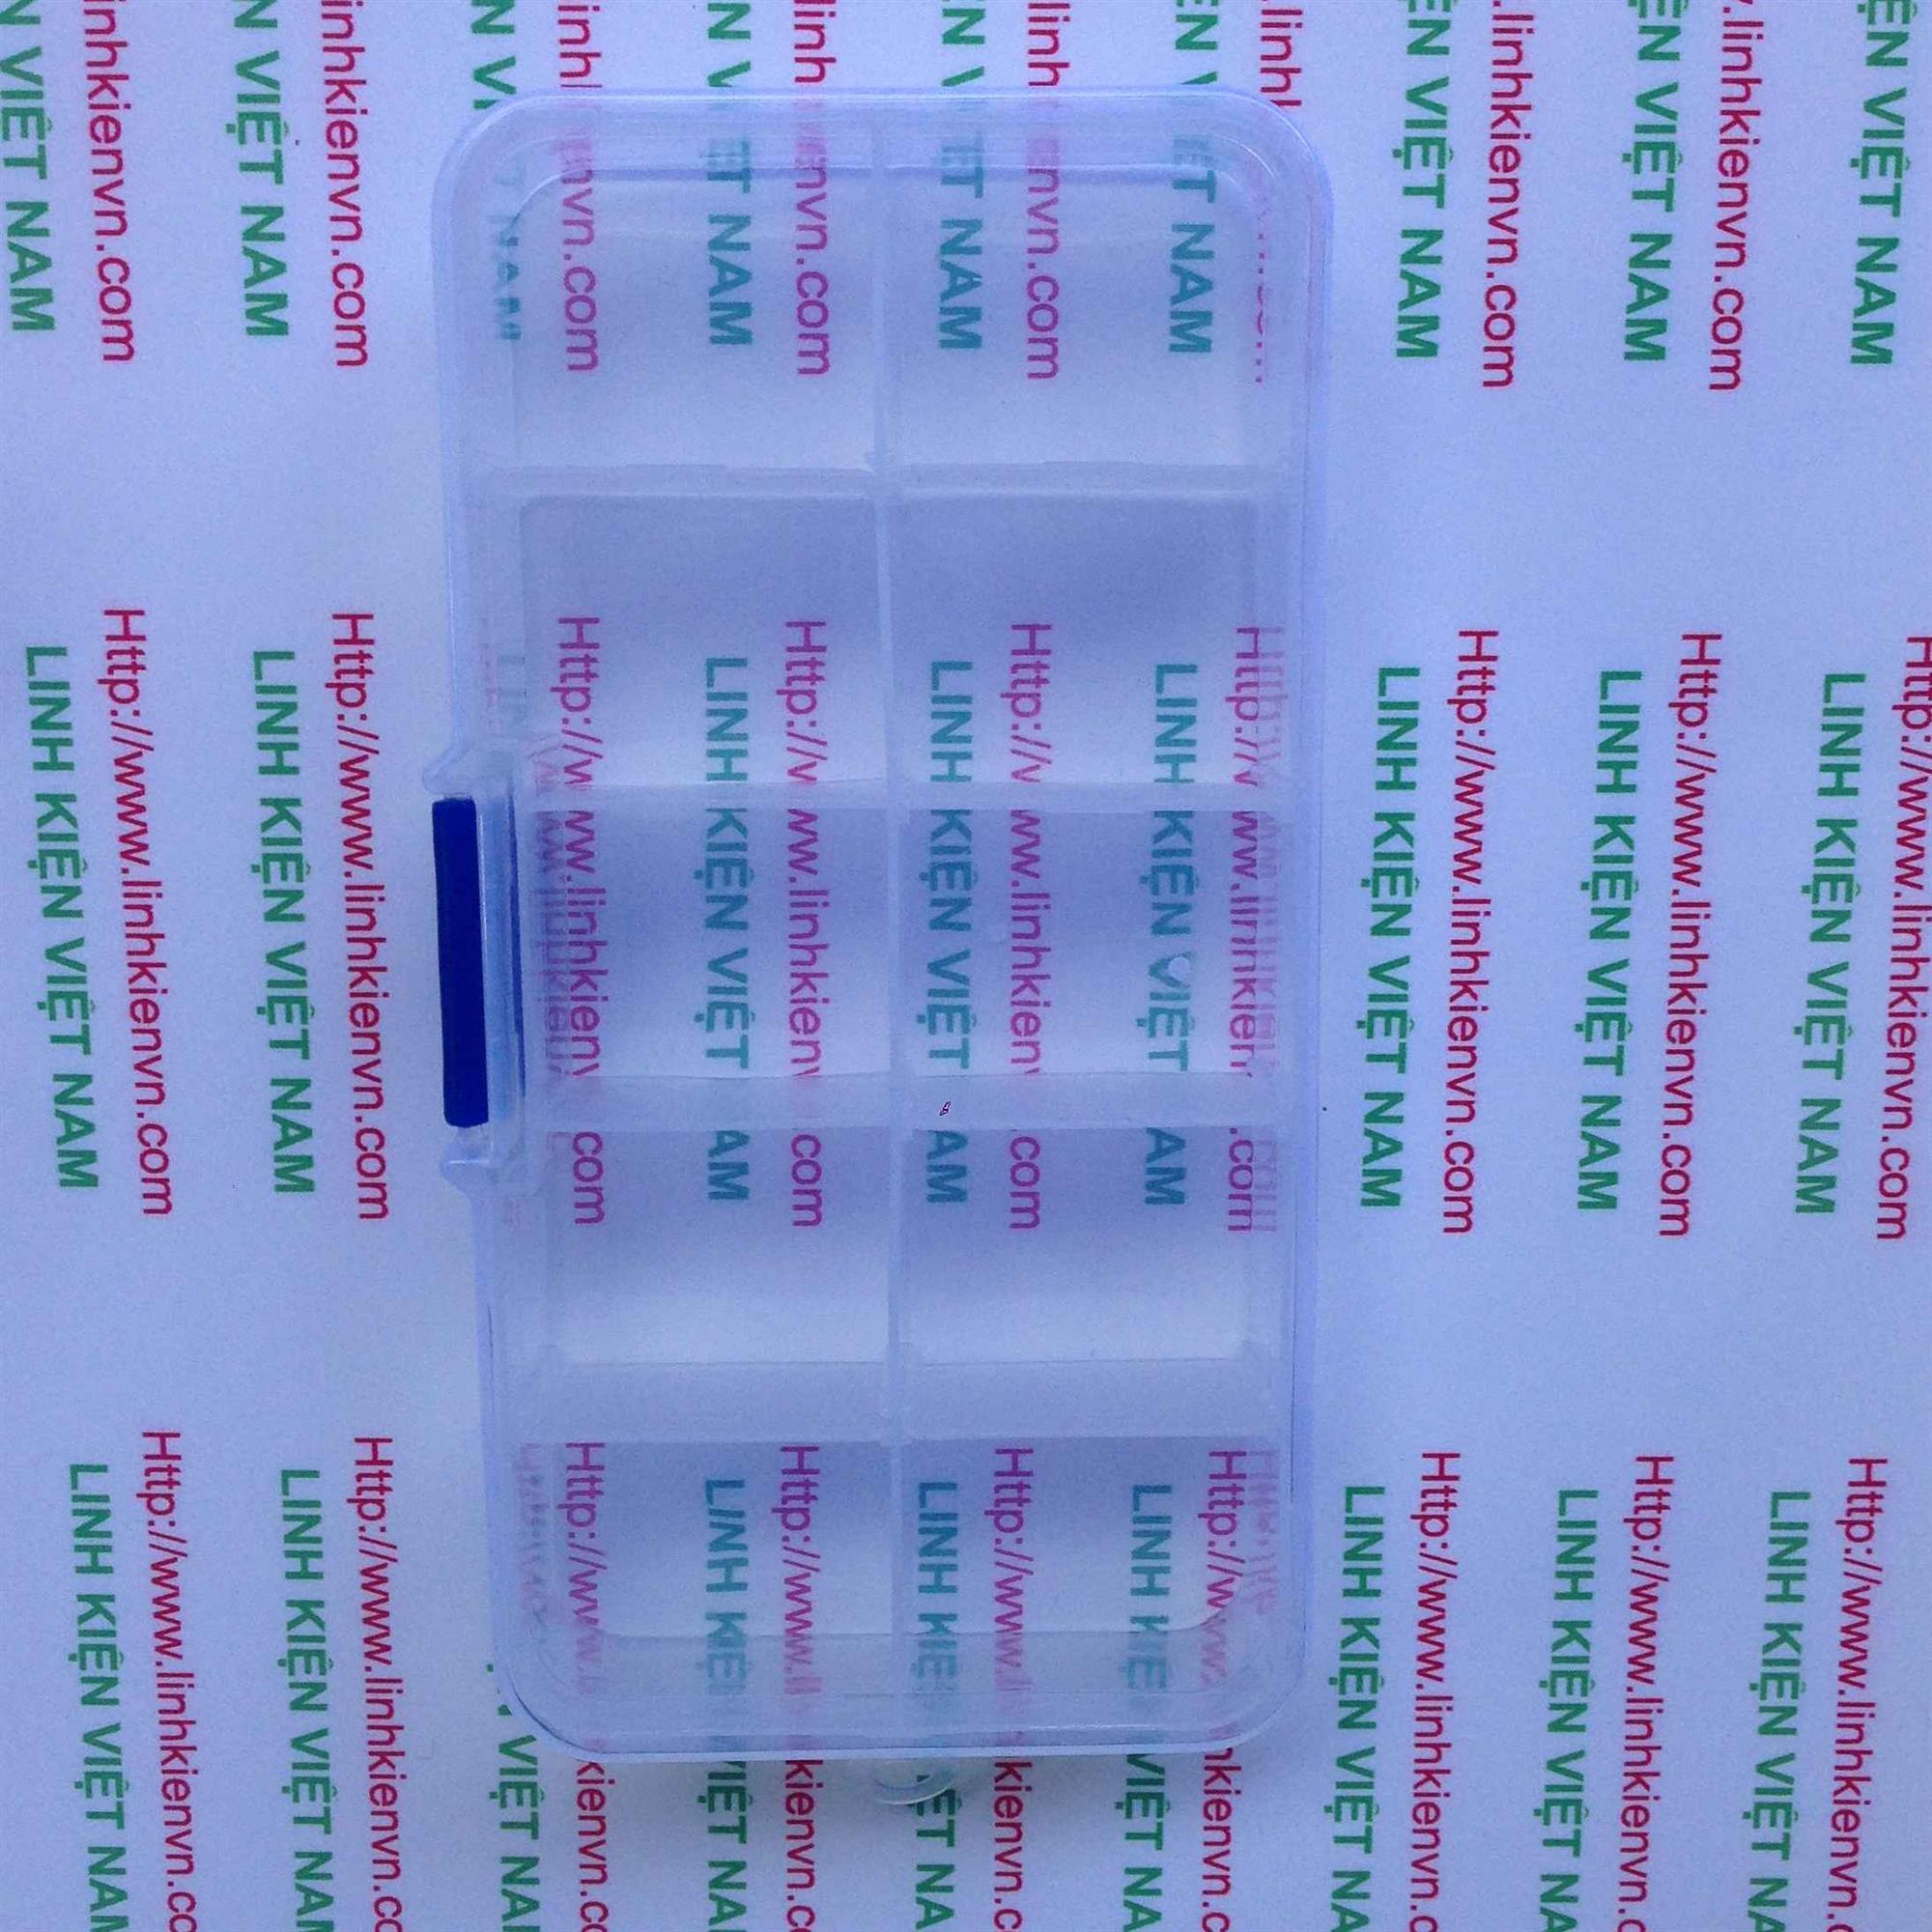 Hộp nhựa đựng linh kiện 10 ngăn 130x65mm - Kho